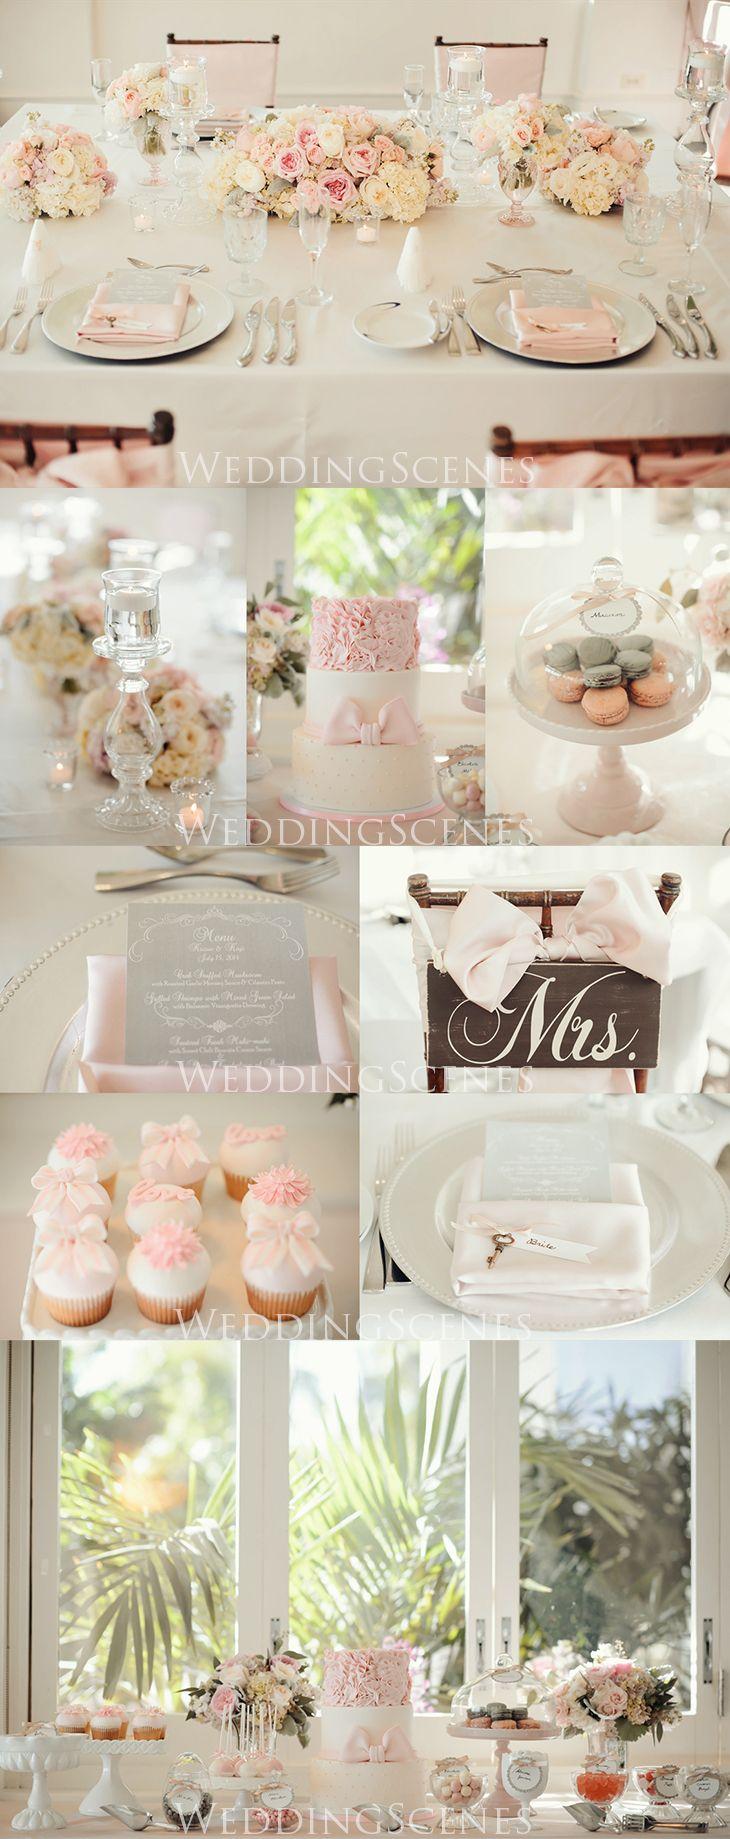 ピンク×グレー コーディネート |ハワイウェディングプランナーNAOKOの欧米スタイル結婚式ブログ